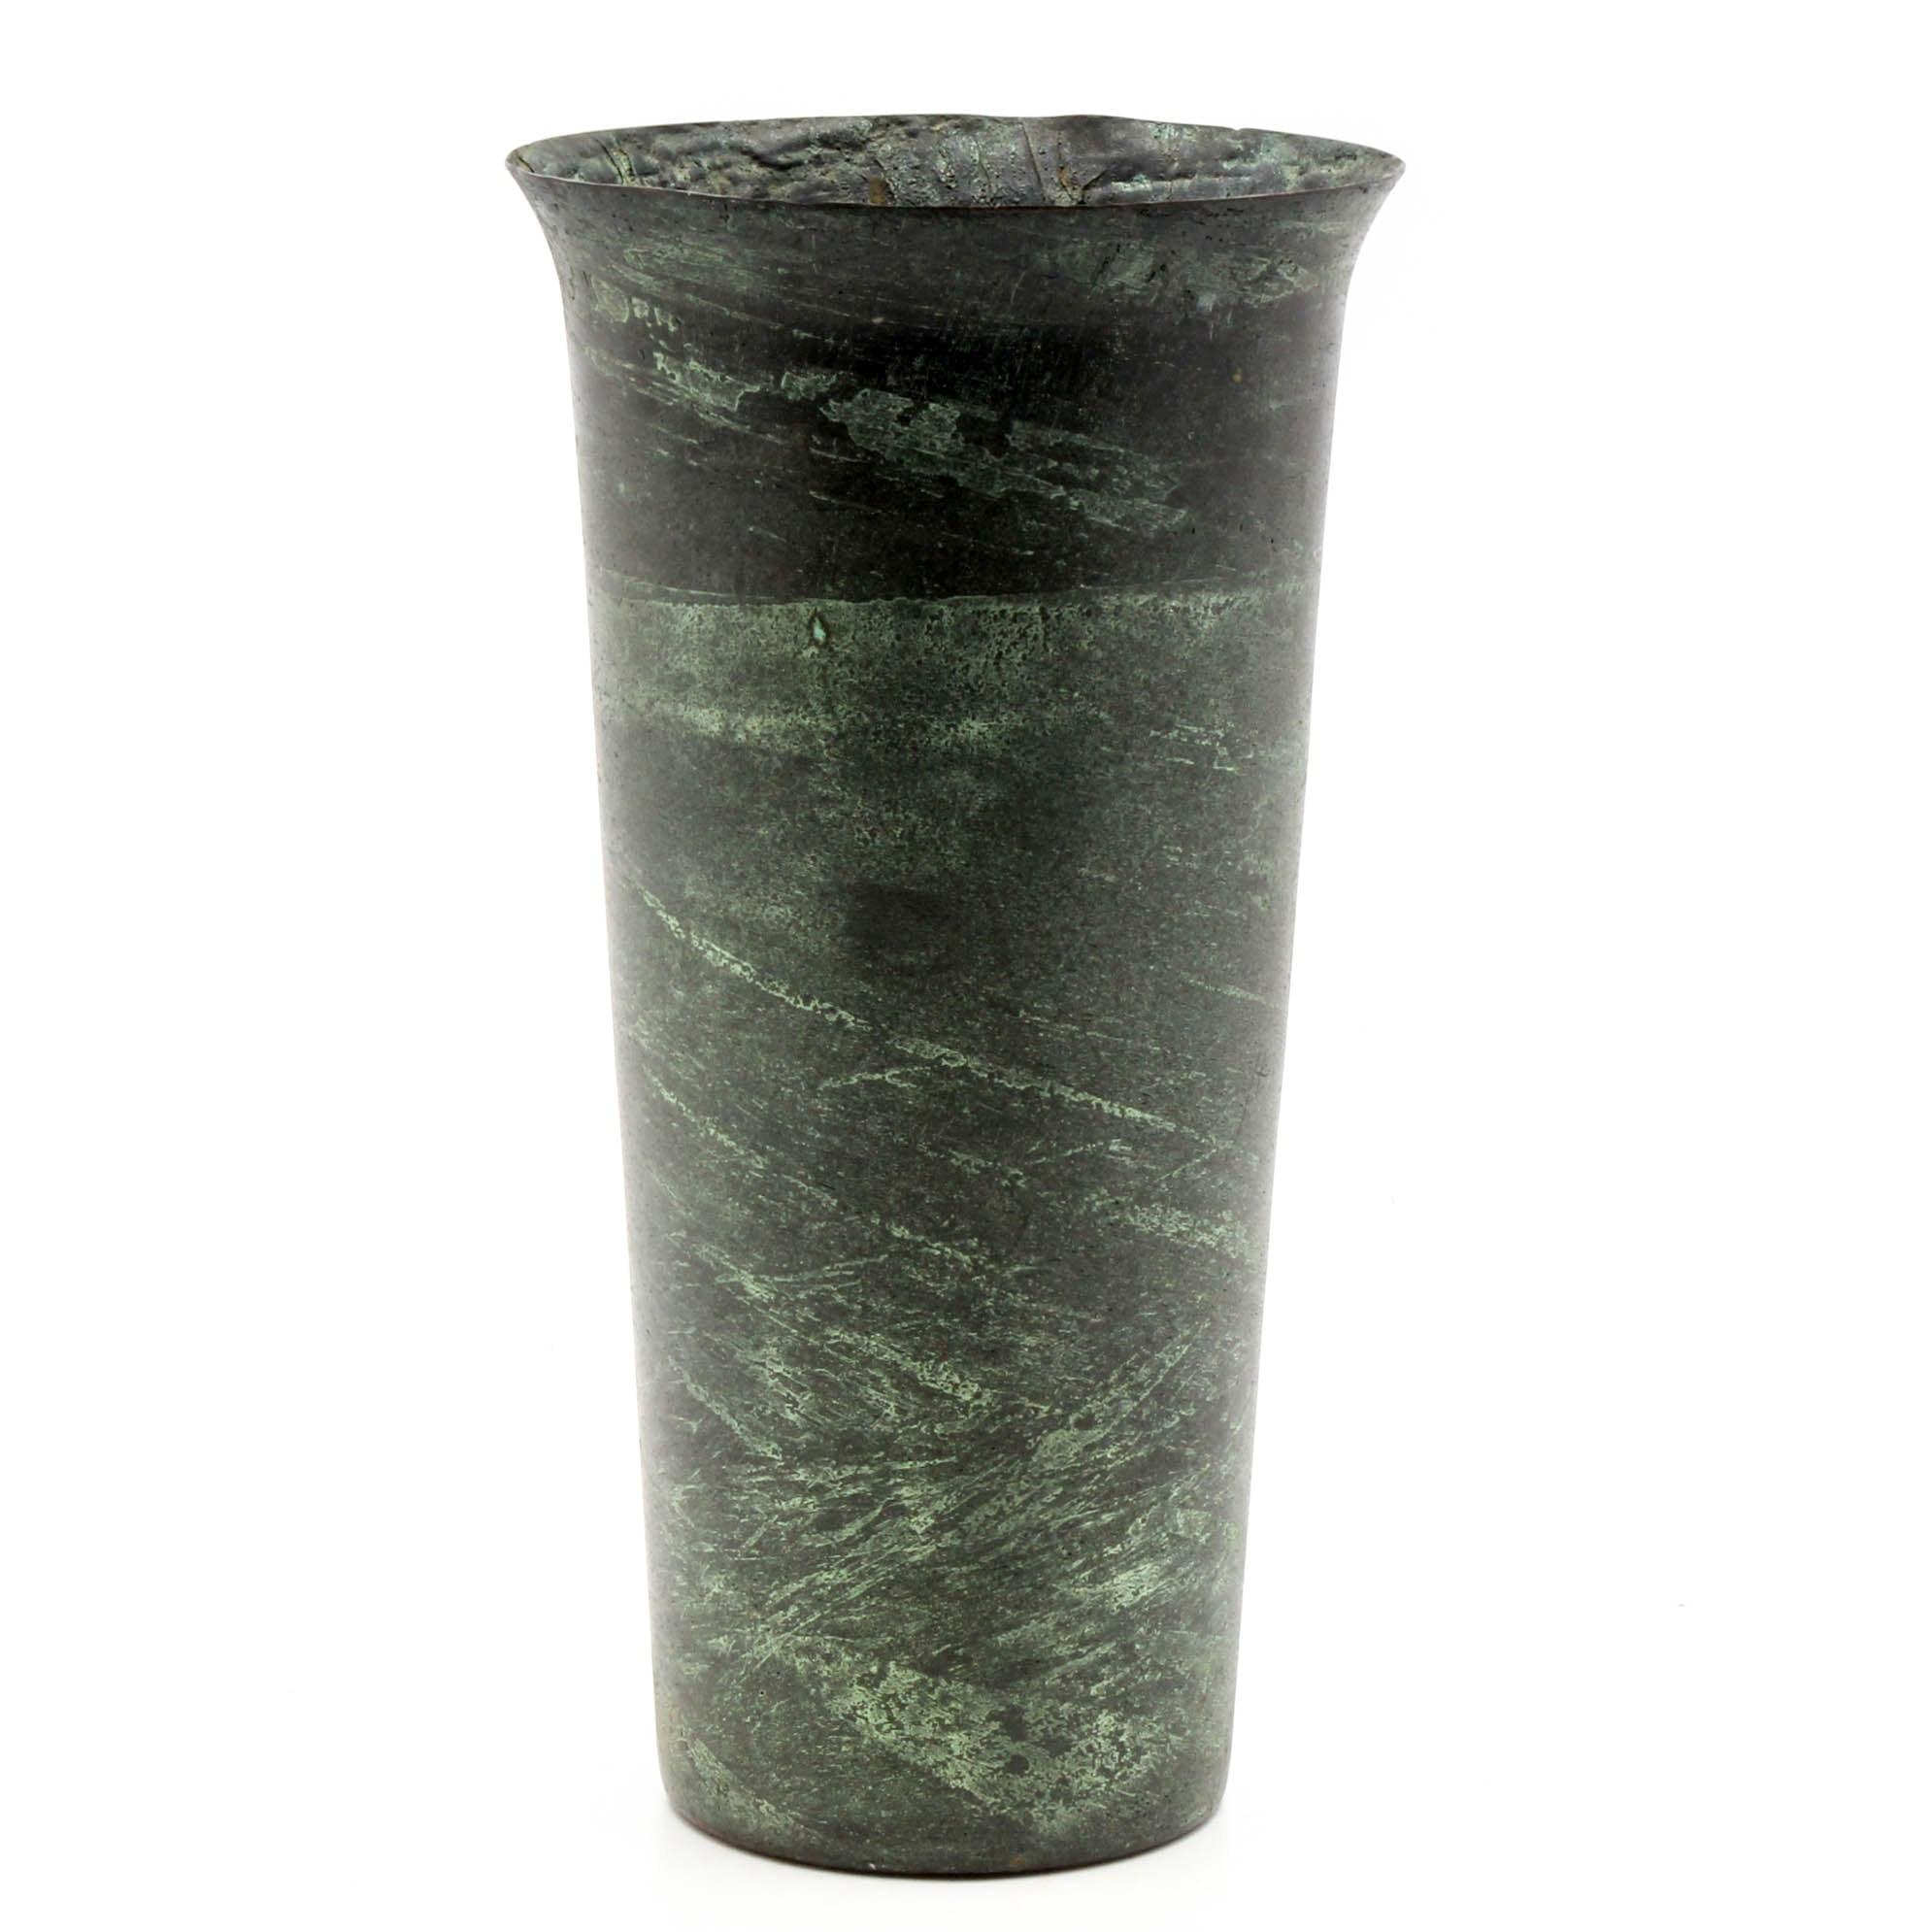 Vintage U.S. Metals Refining Co. Copper Vase